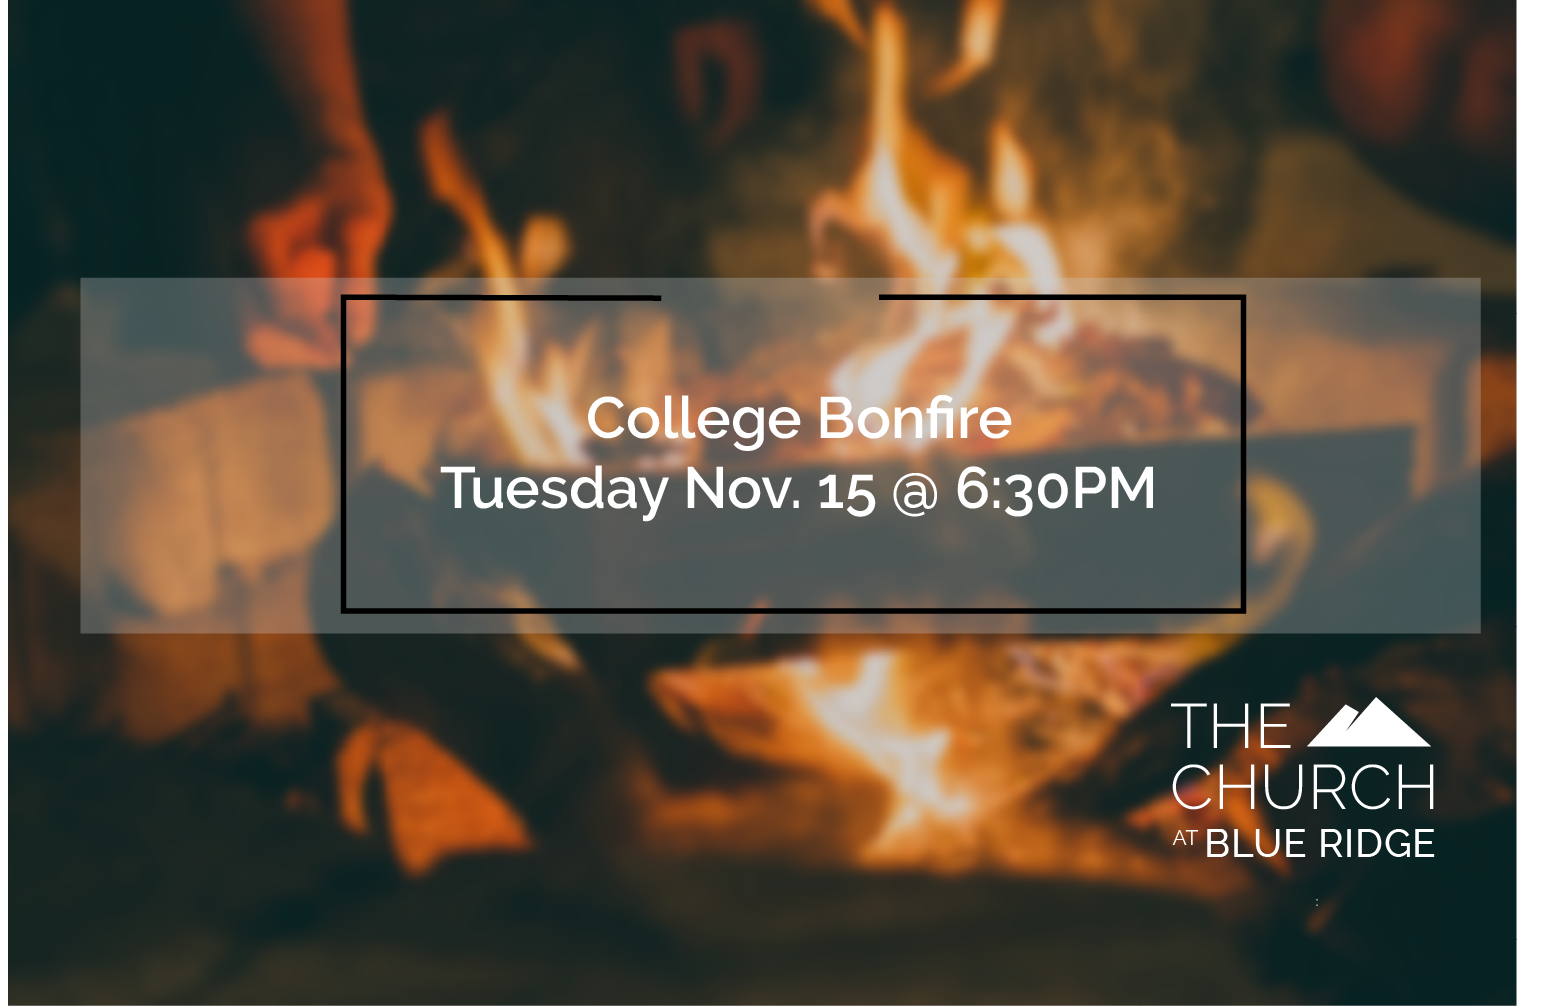 College Bonfire Slide web2.png